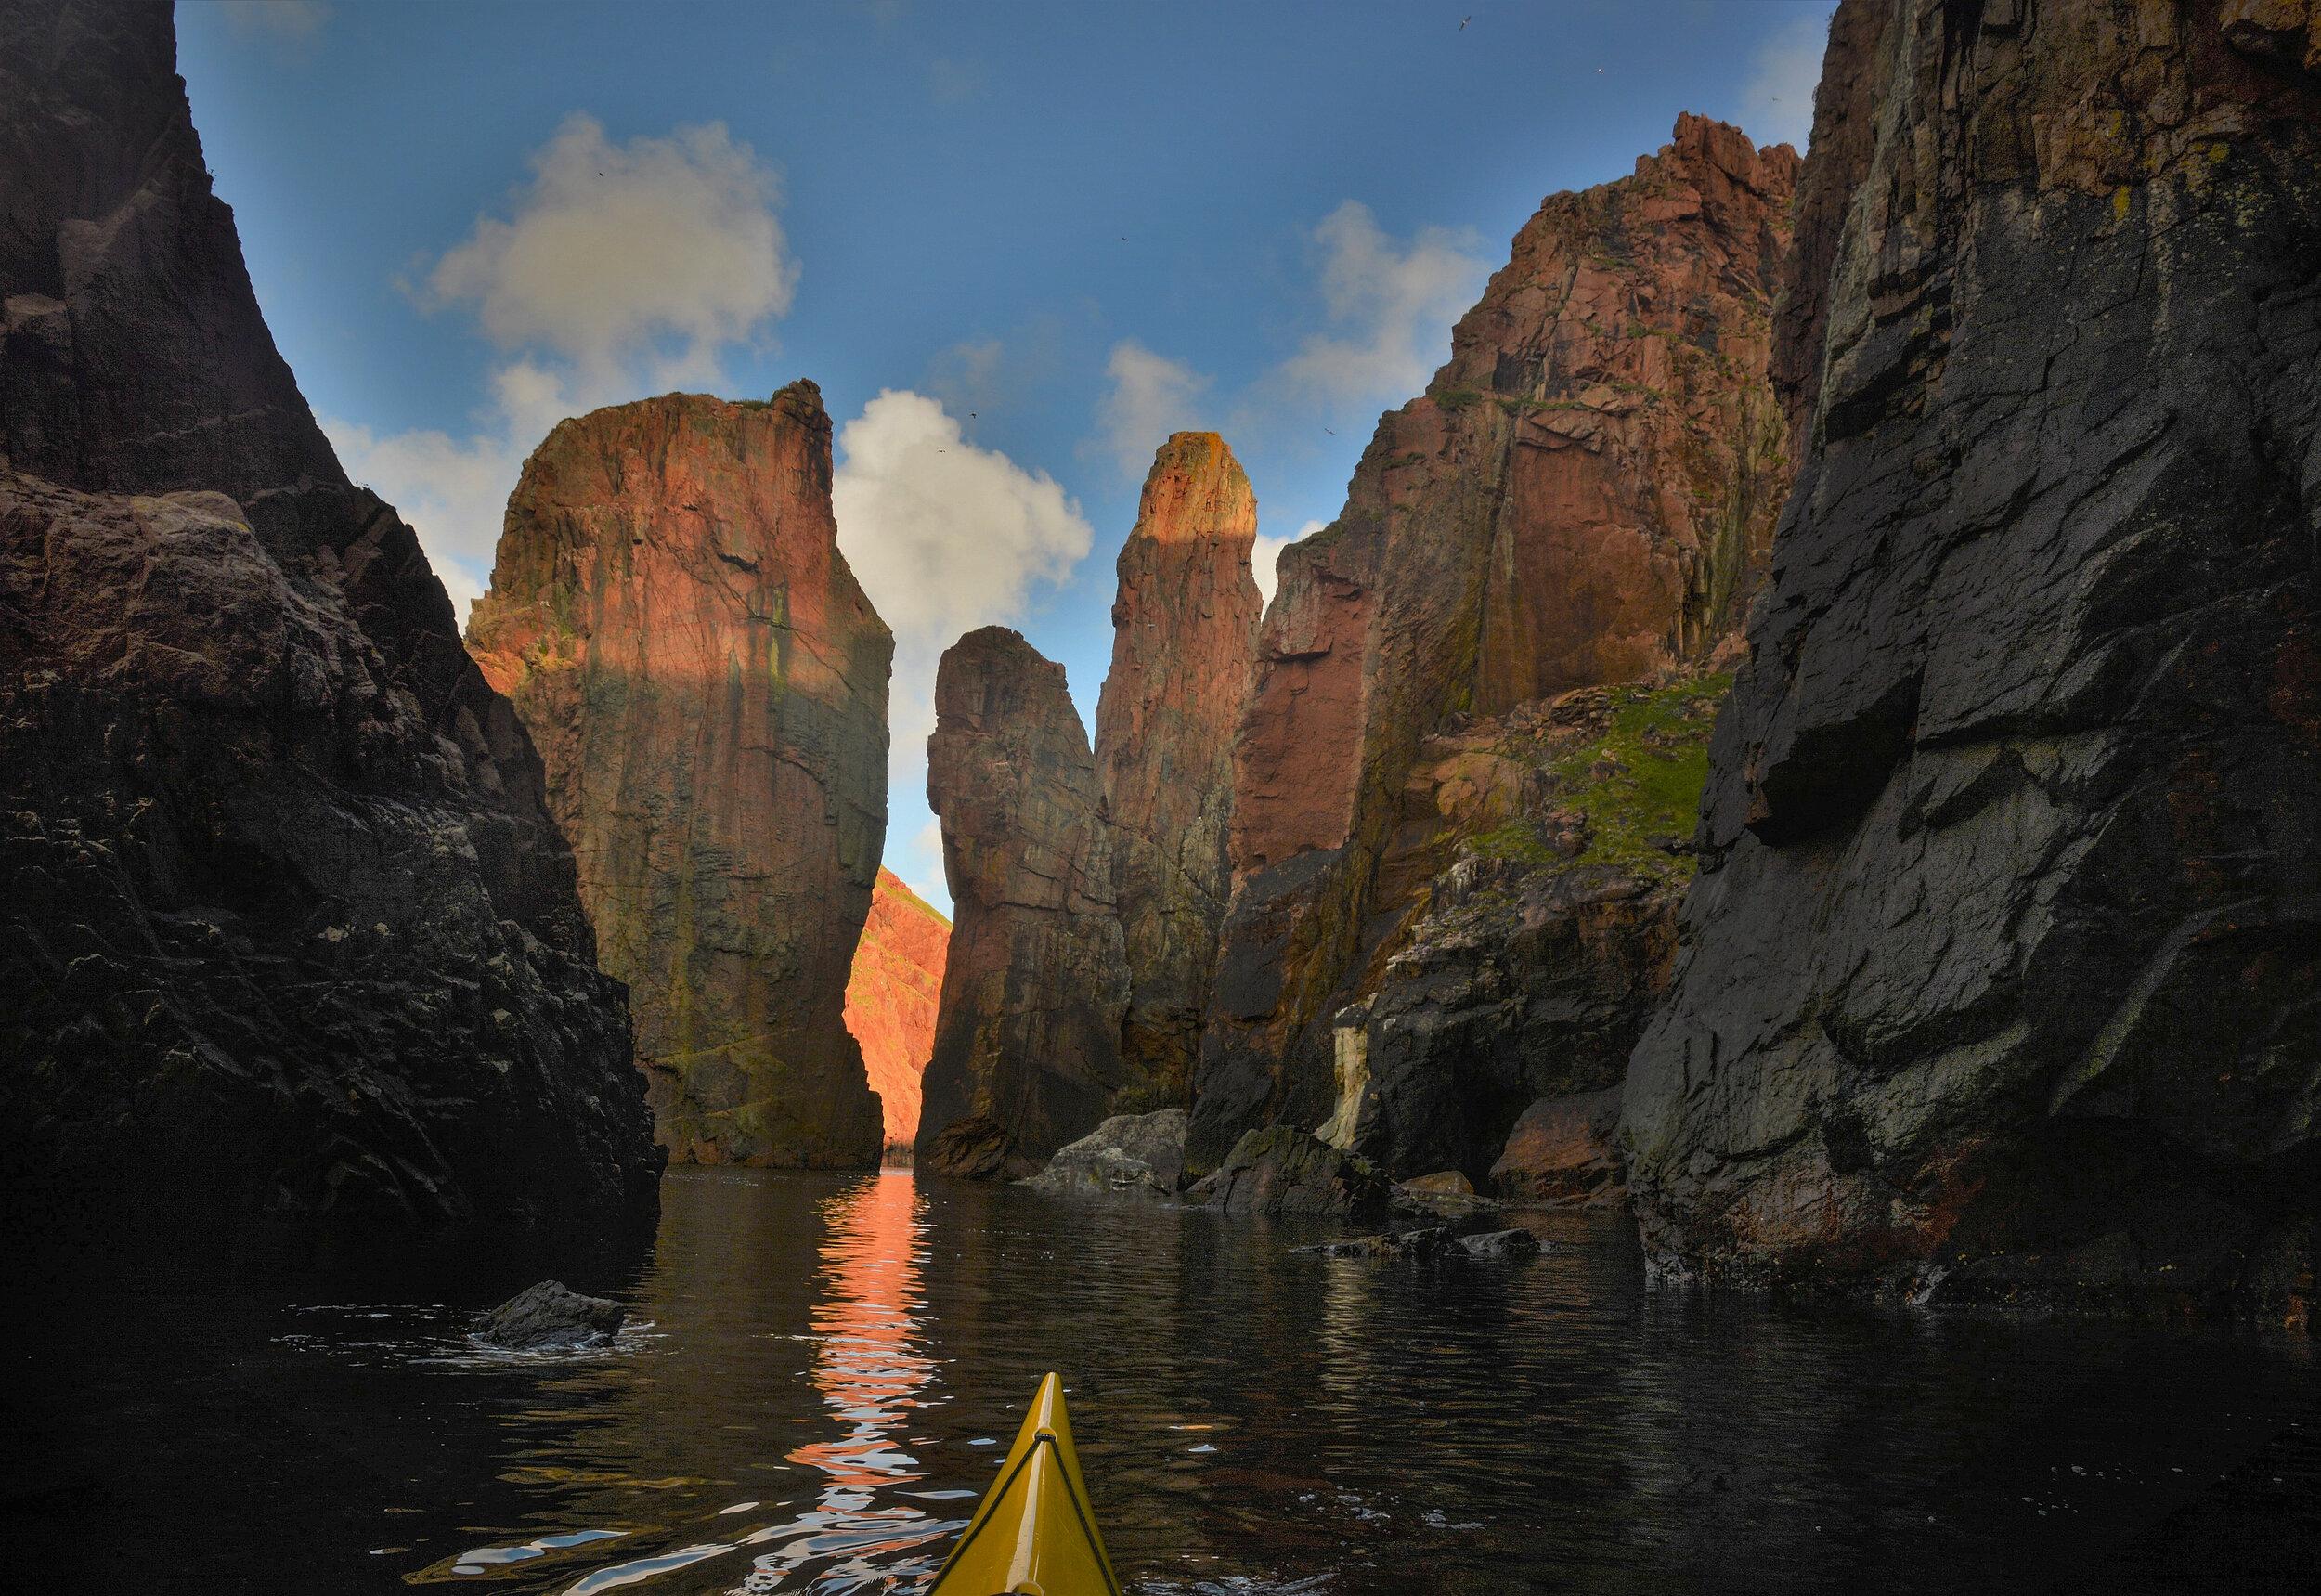 Sea stacks, Northmavine, Shetland